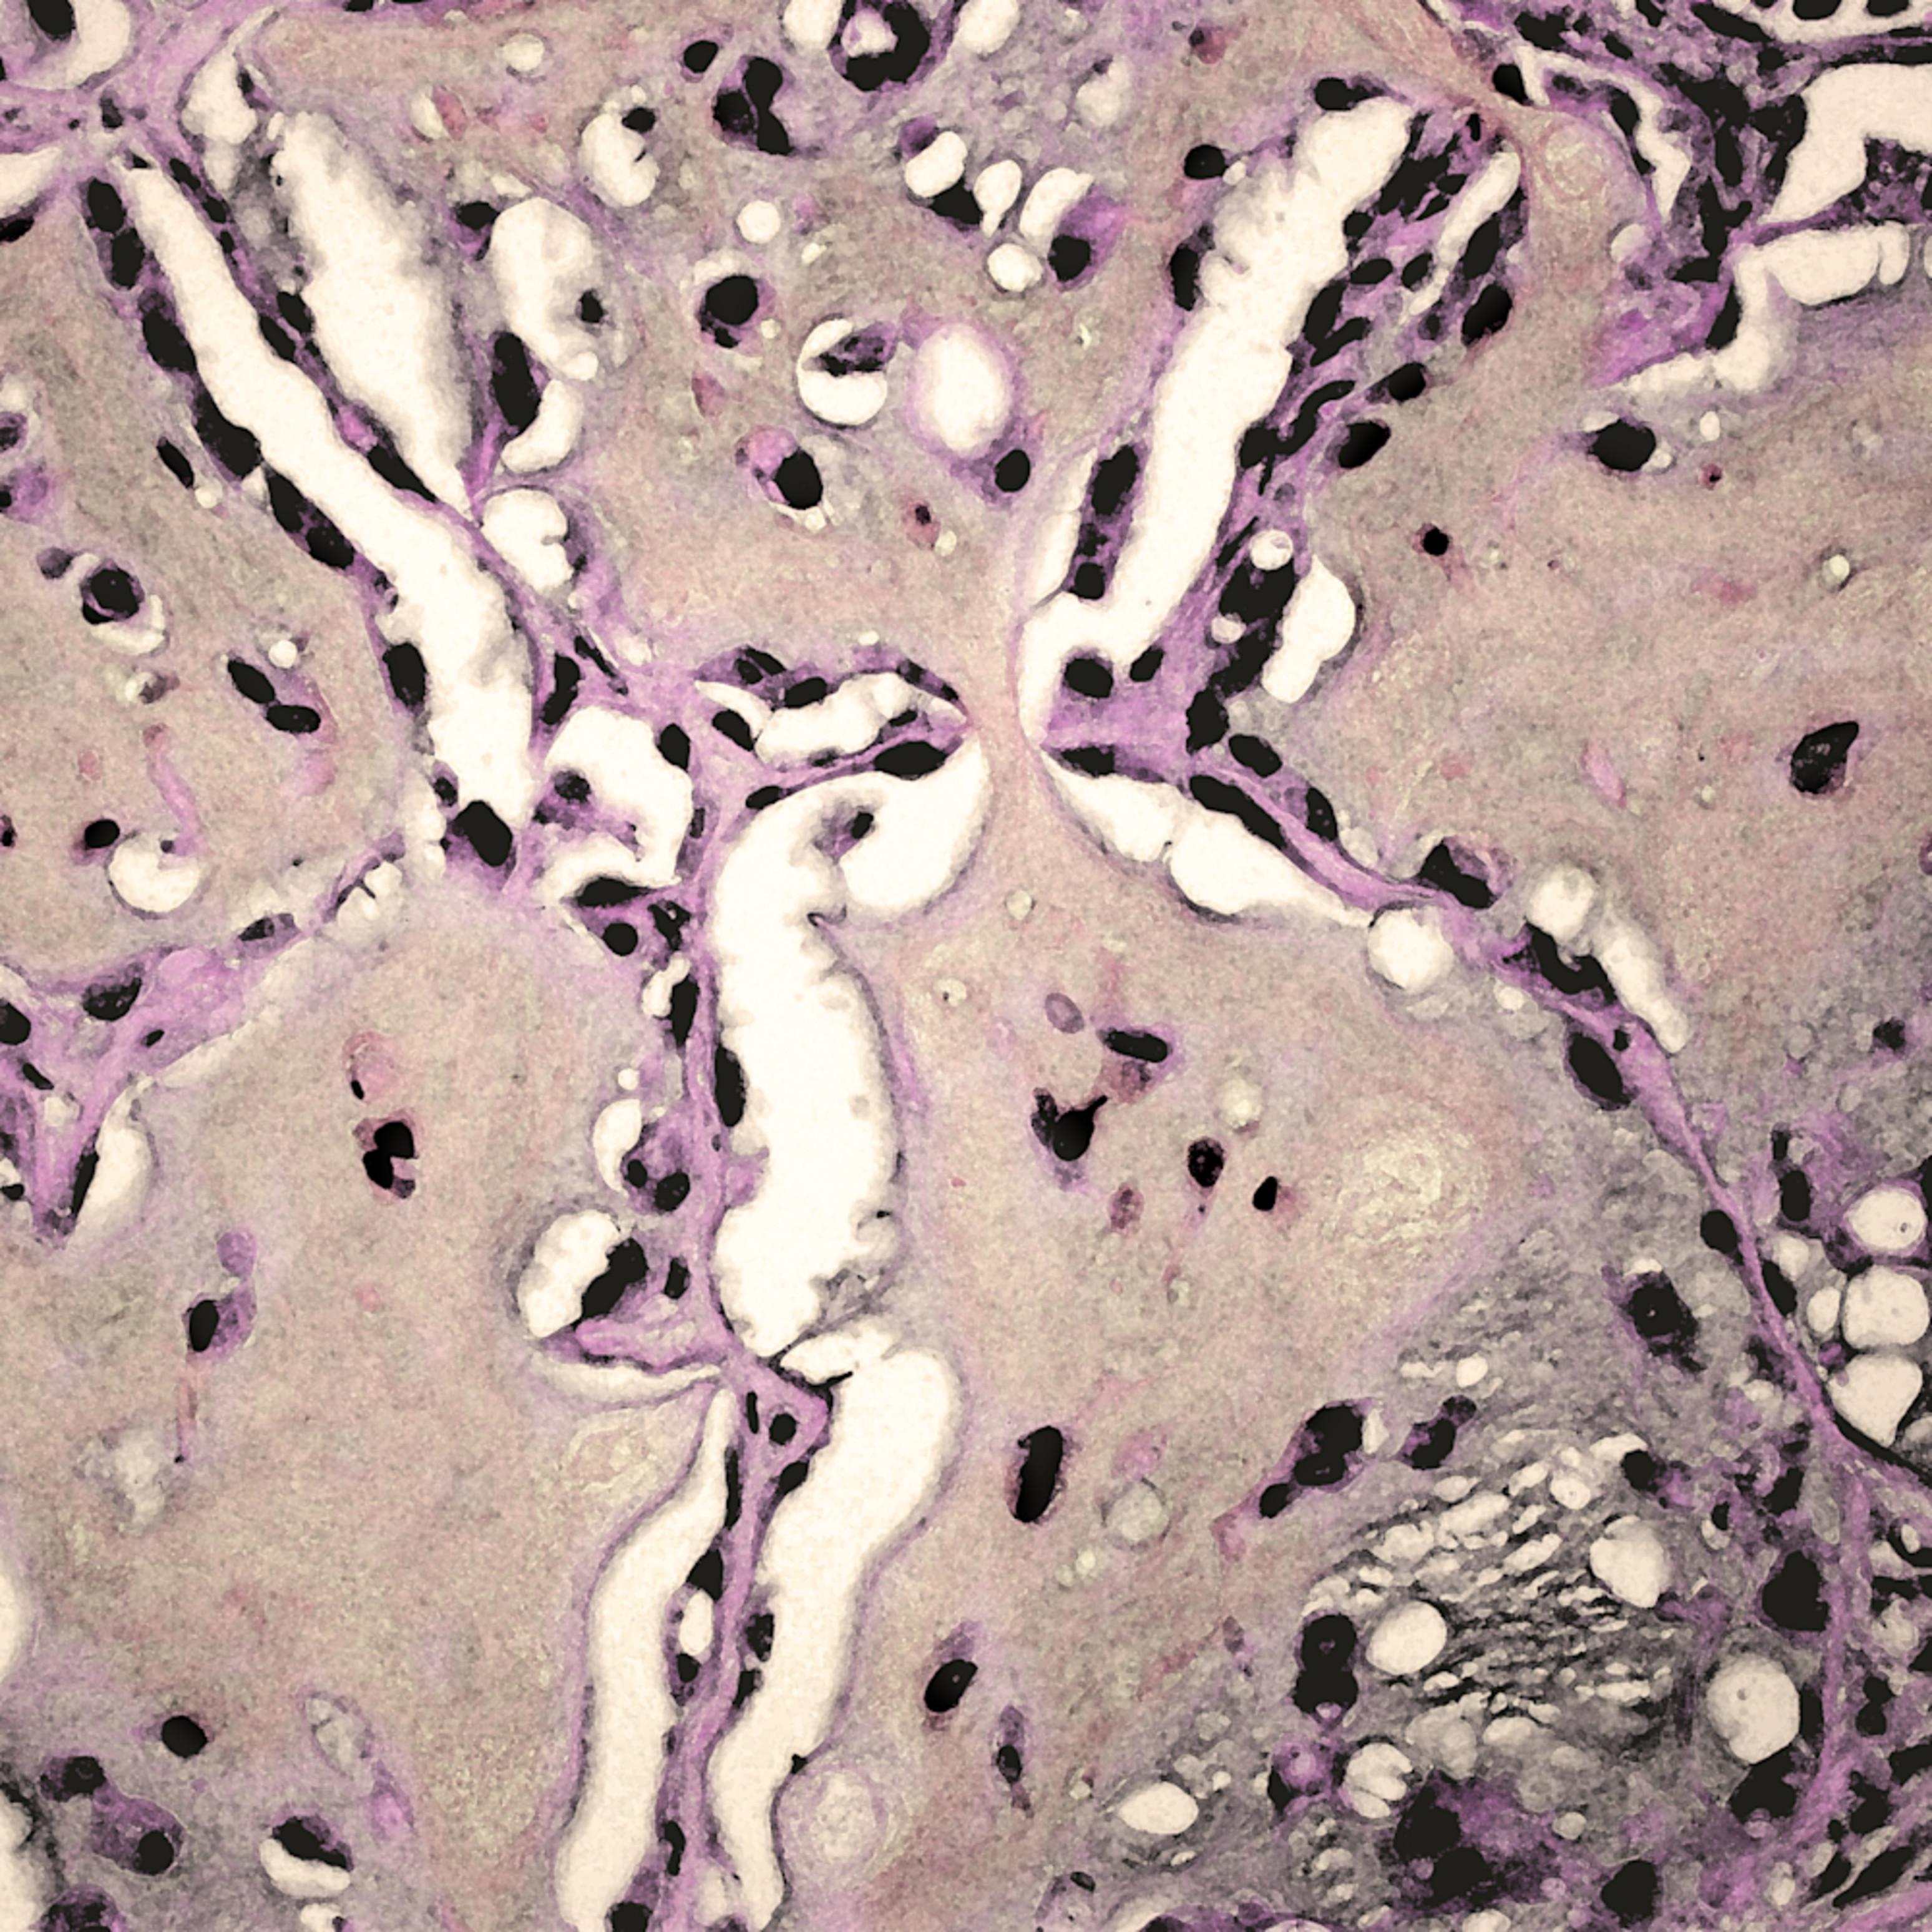 701 0001 lung   epithelioid hemangioendothelioma   40x q6fxh2